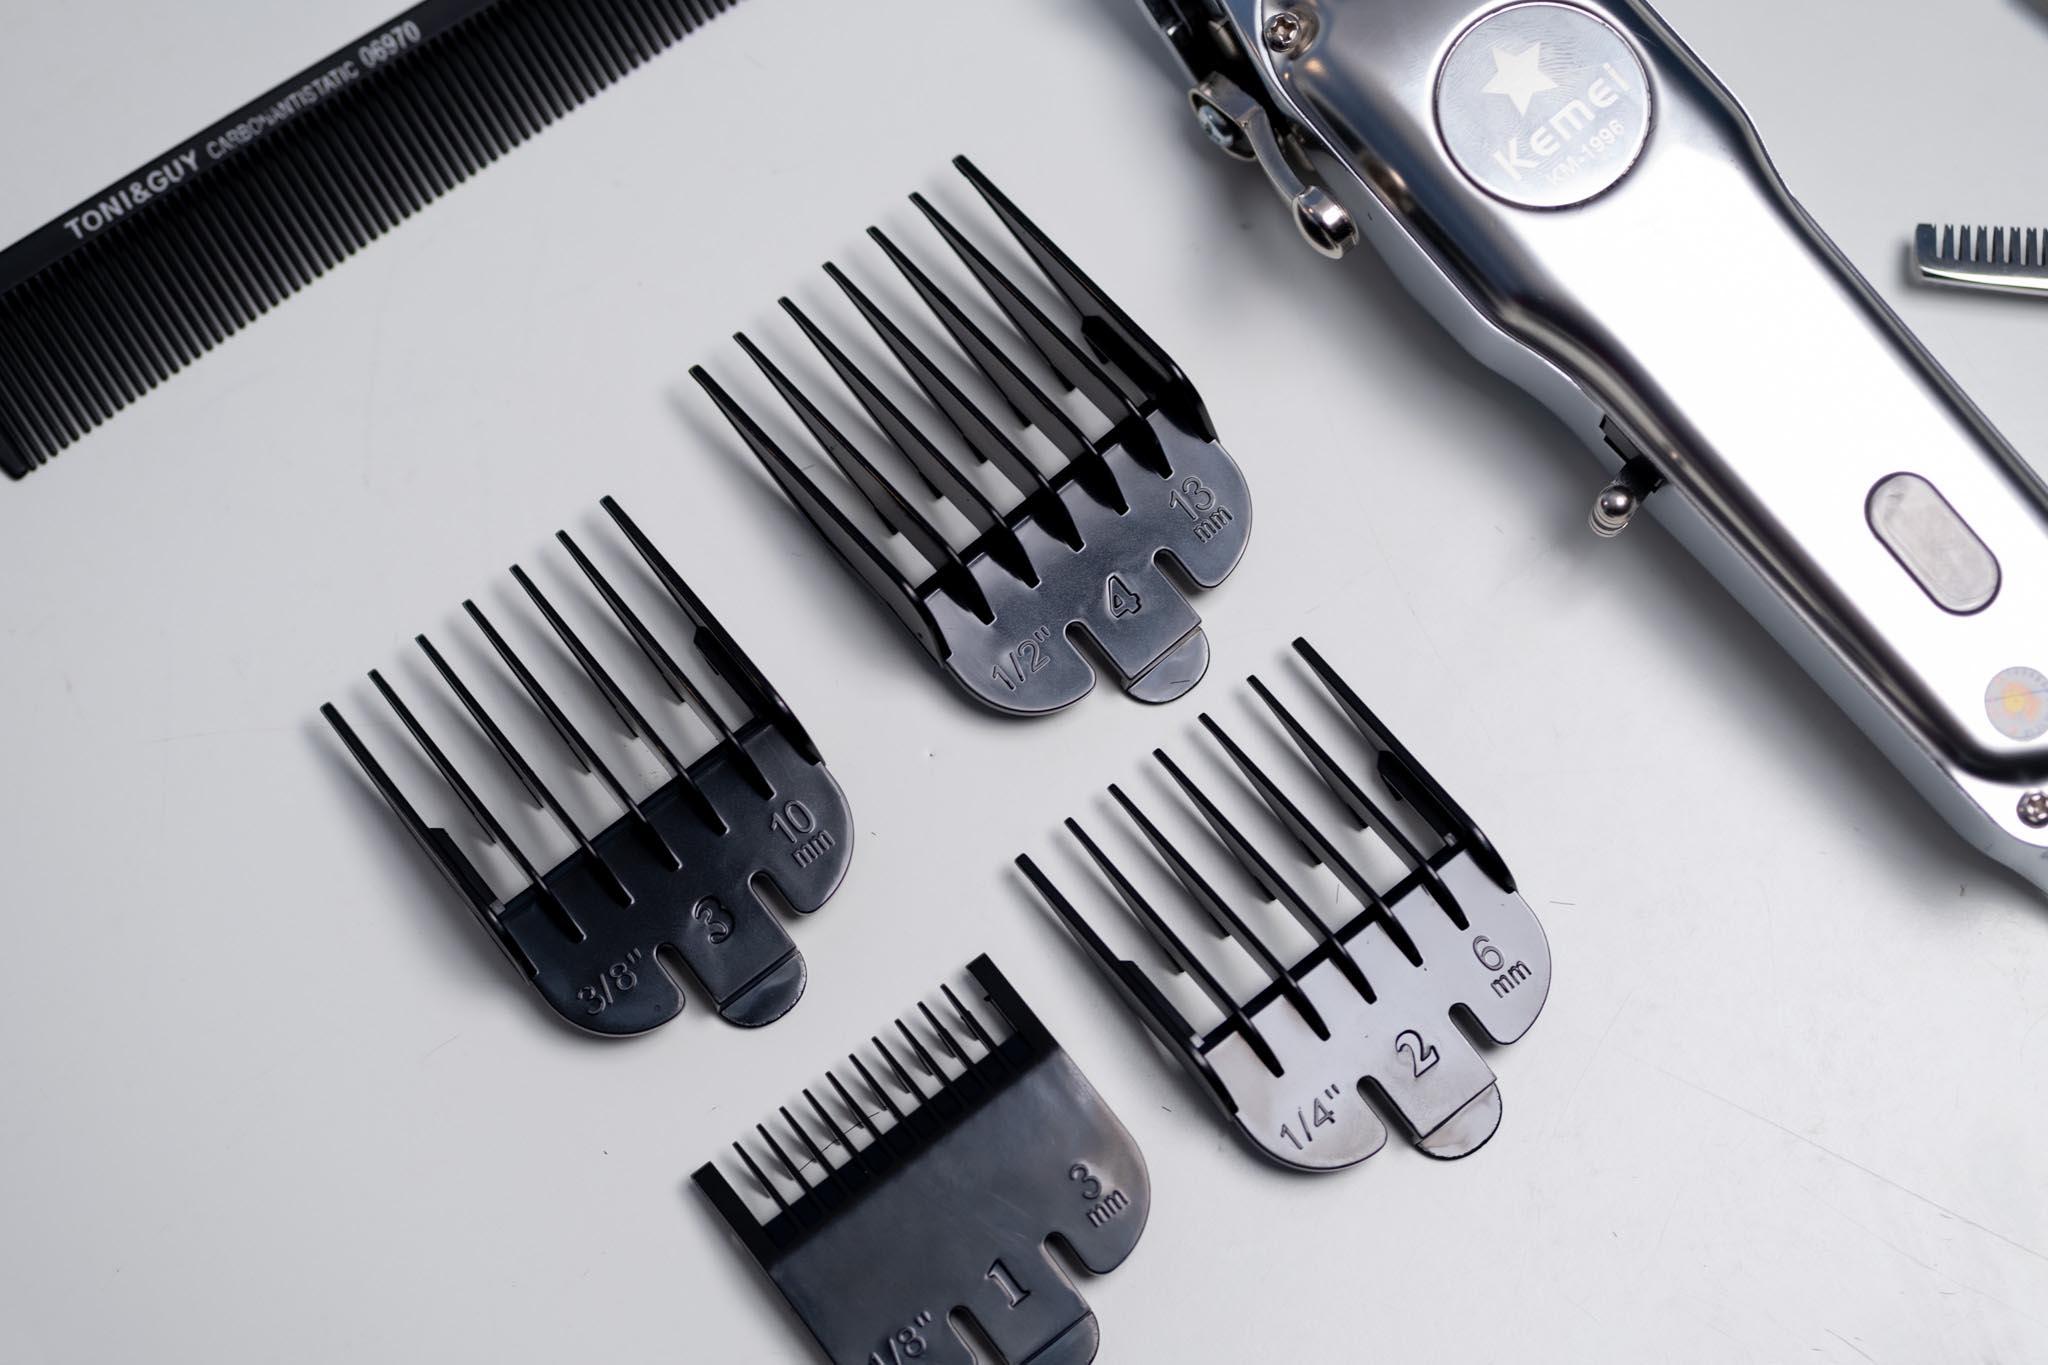 Review trên tay tông đơ cắt tóc Kemei KM-1996 đẹp pin lâu